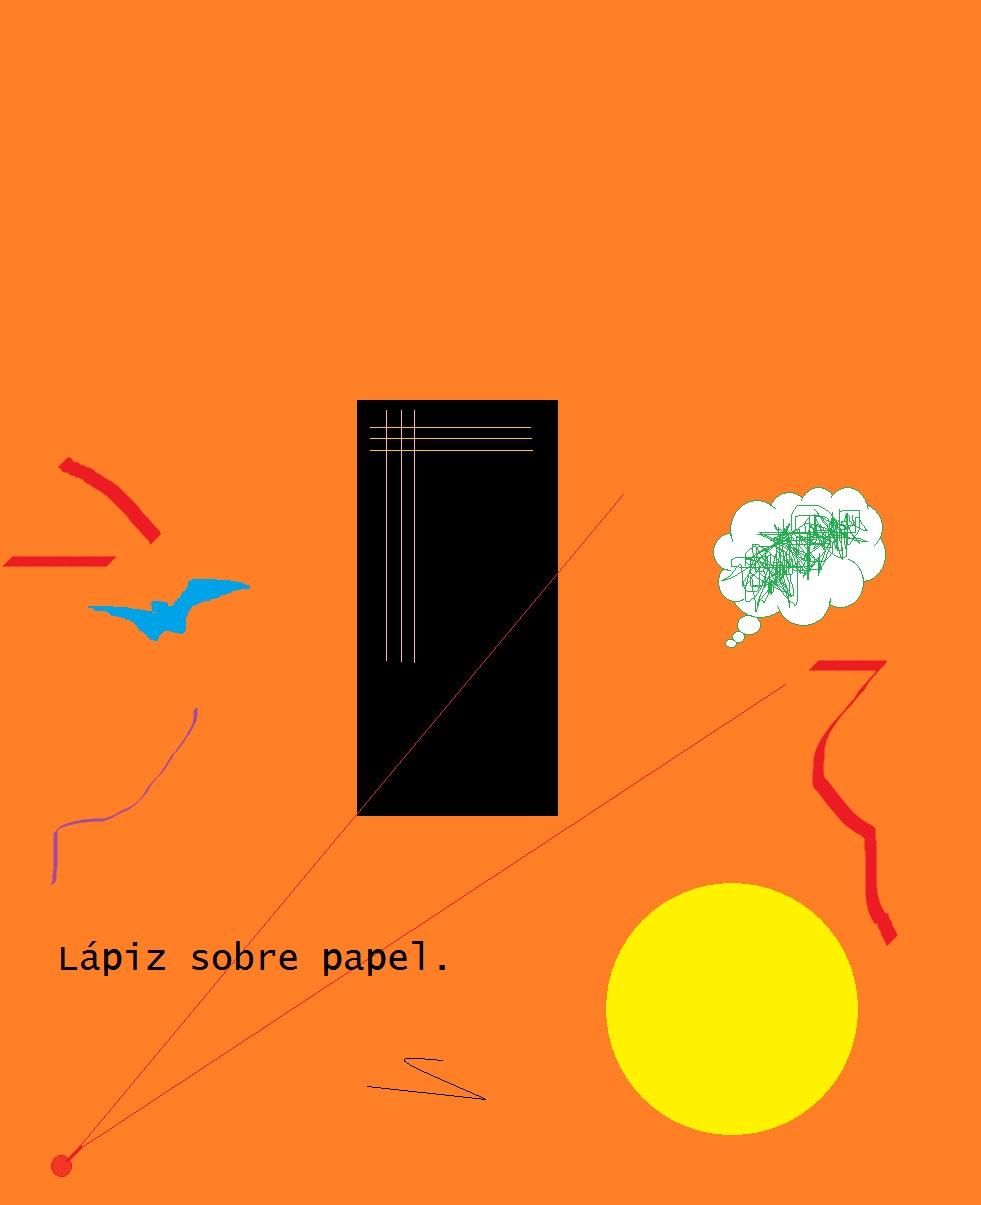 Lápiz sobre papel.